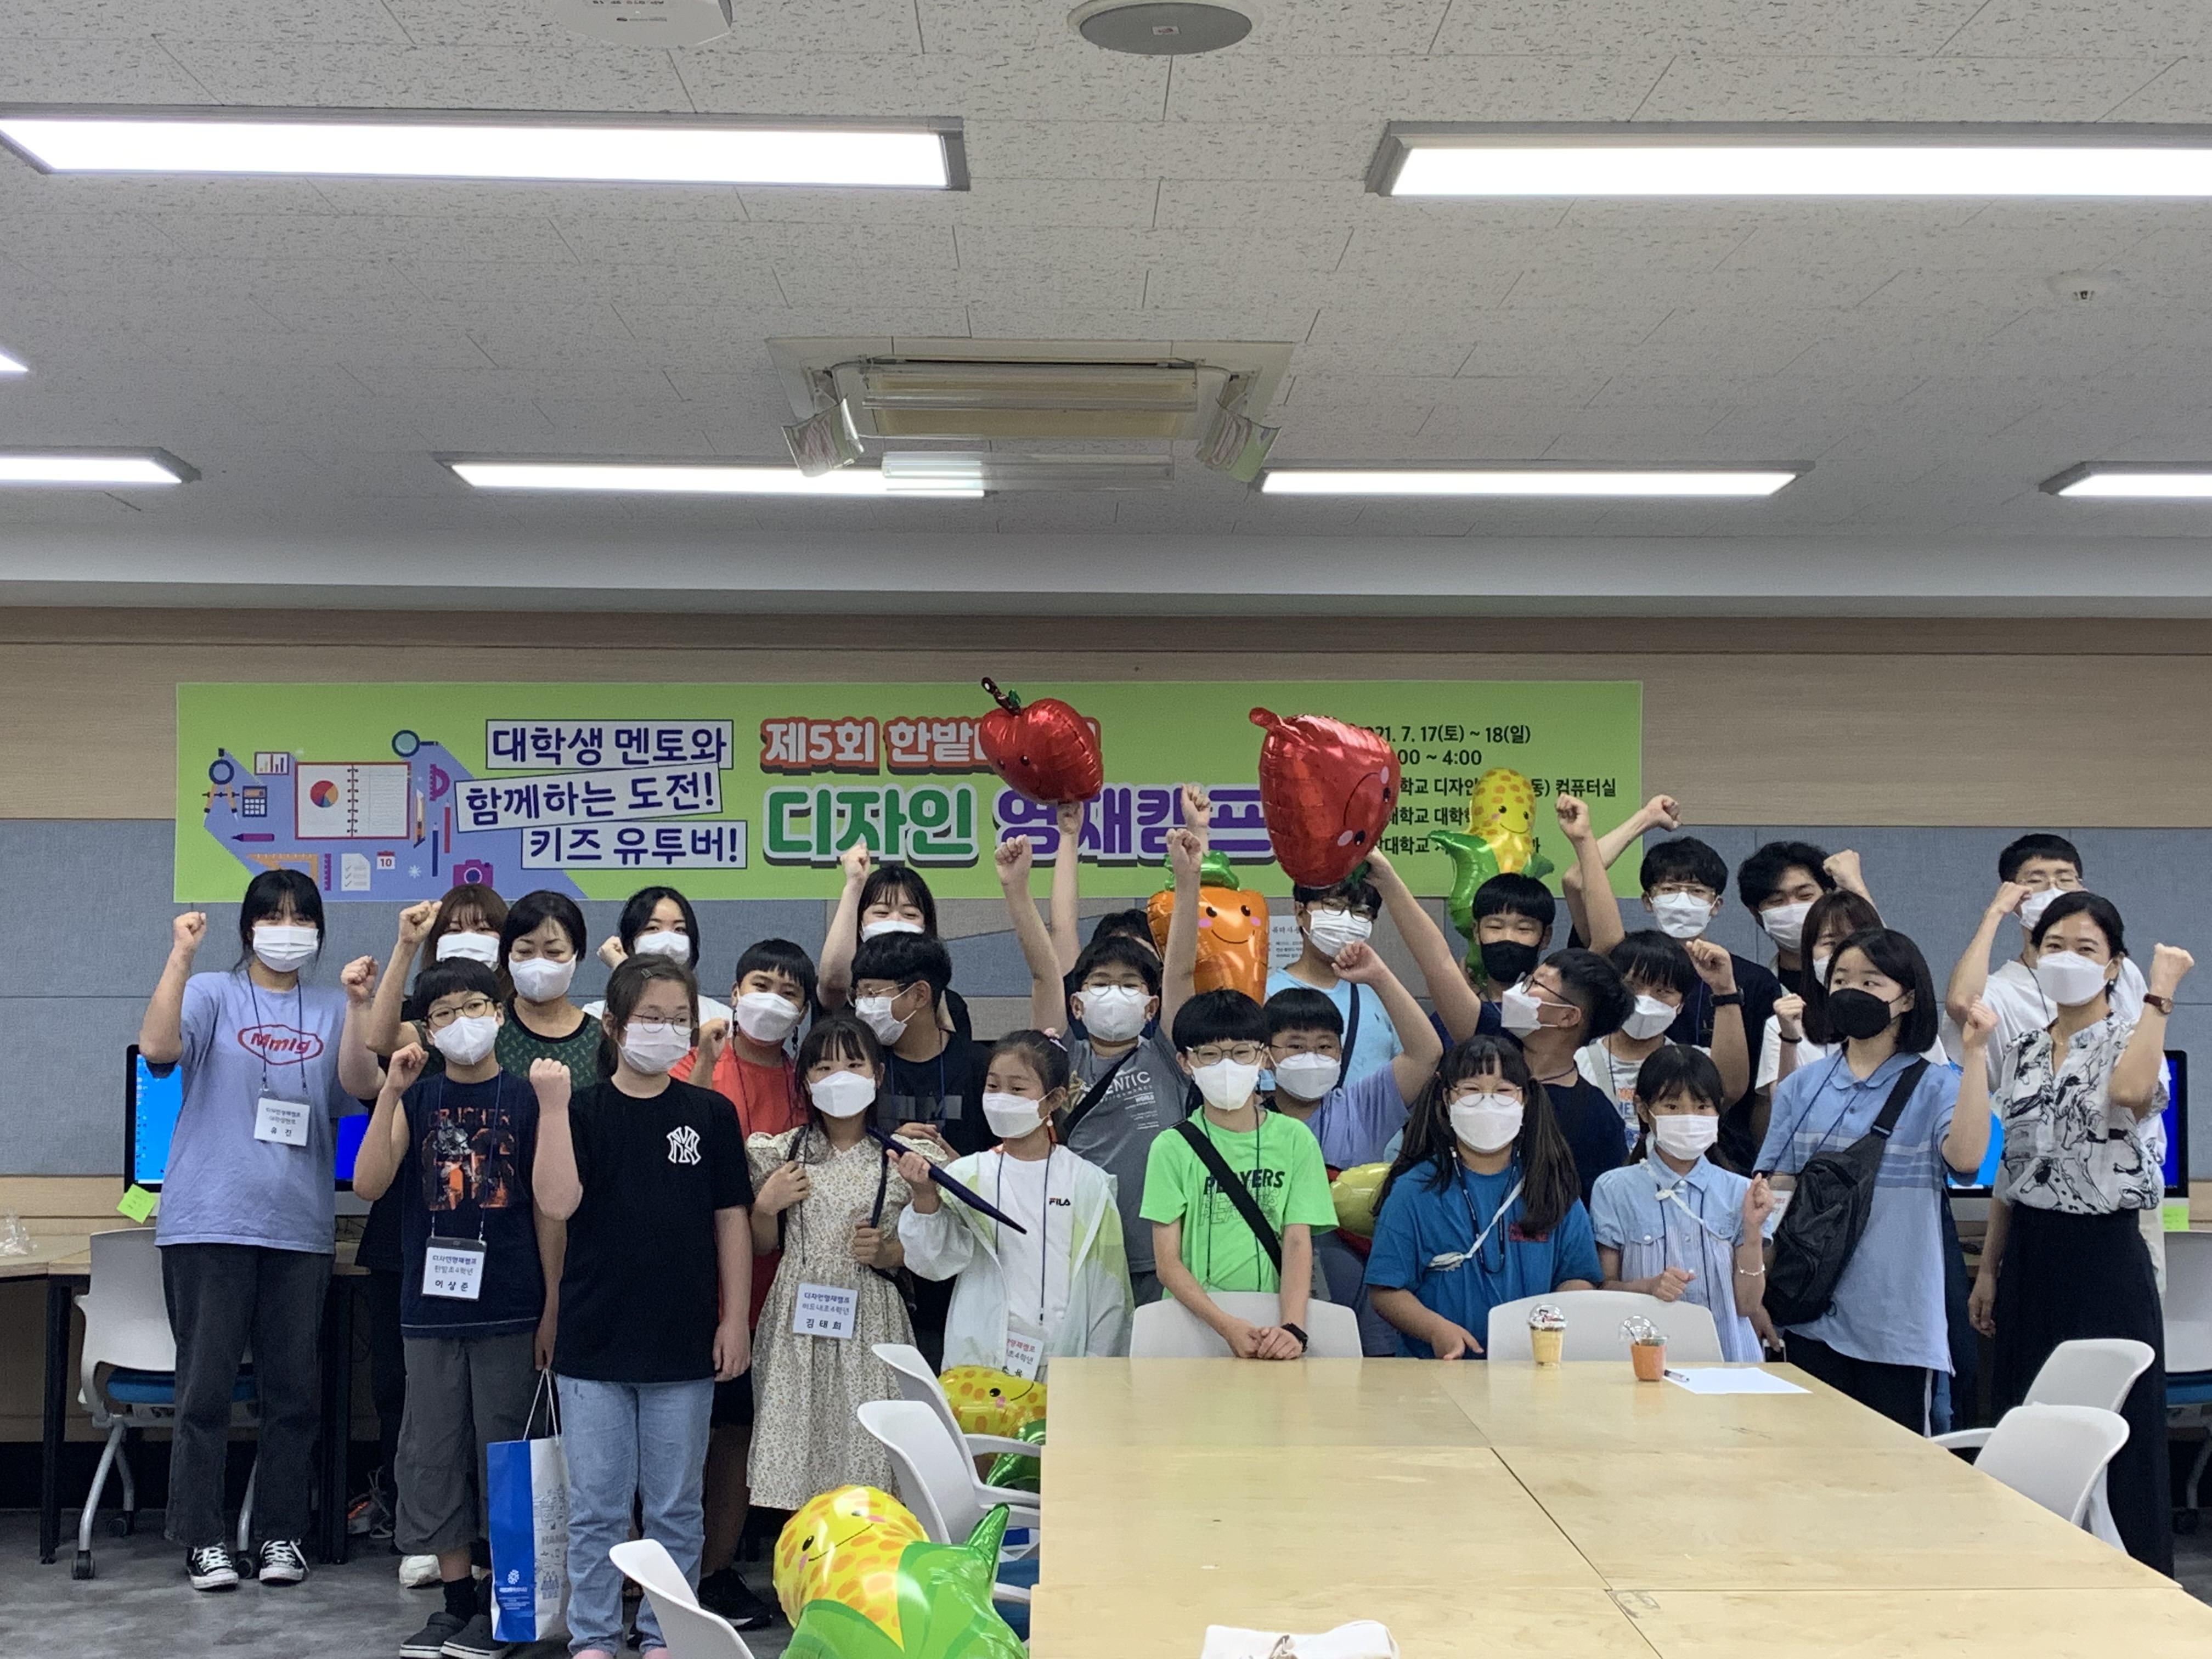 캠프 마무리 후, 홍 교수(앞에서 두 번째 줄, 왼쪽에서 첫 번째)와 대학생, 참가자들이 단체 사진을 촬영하고 있다.